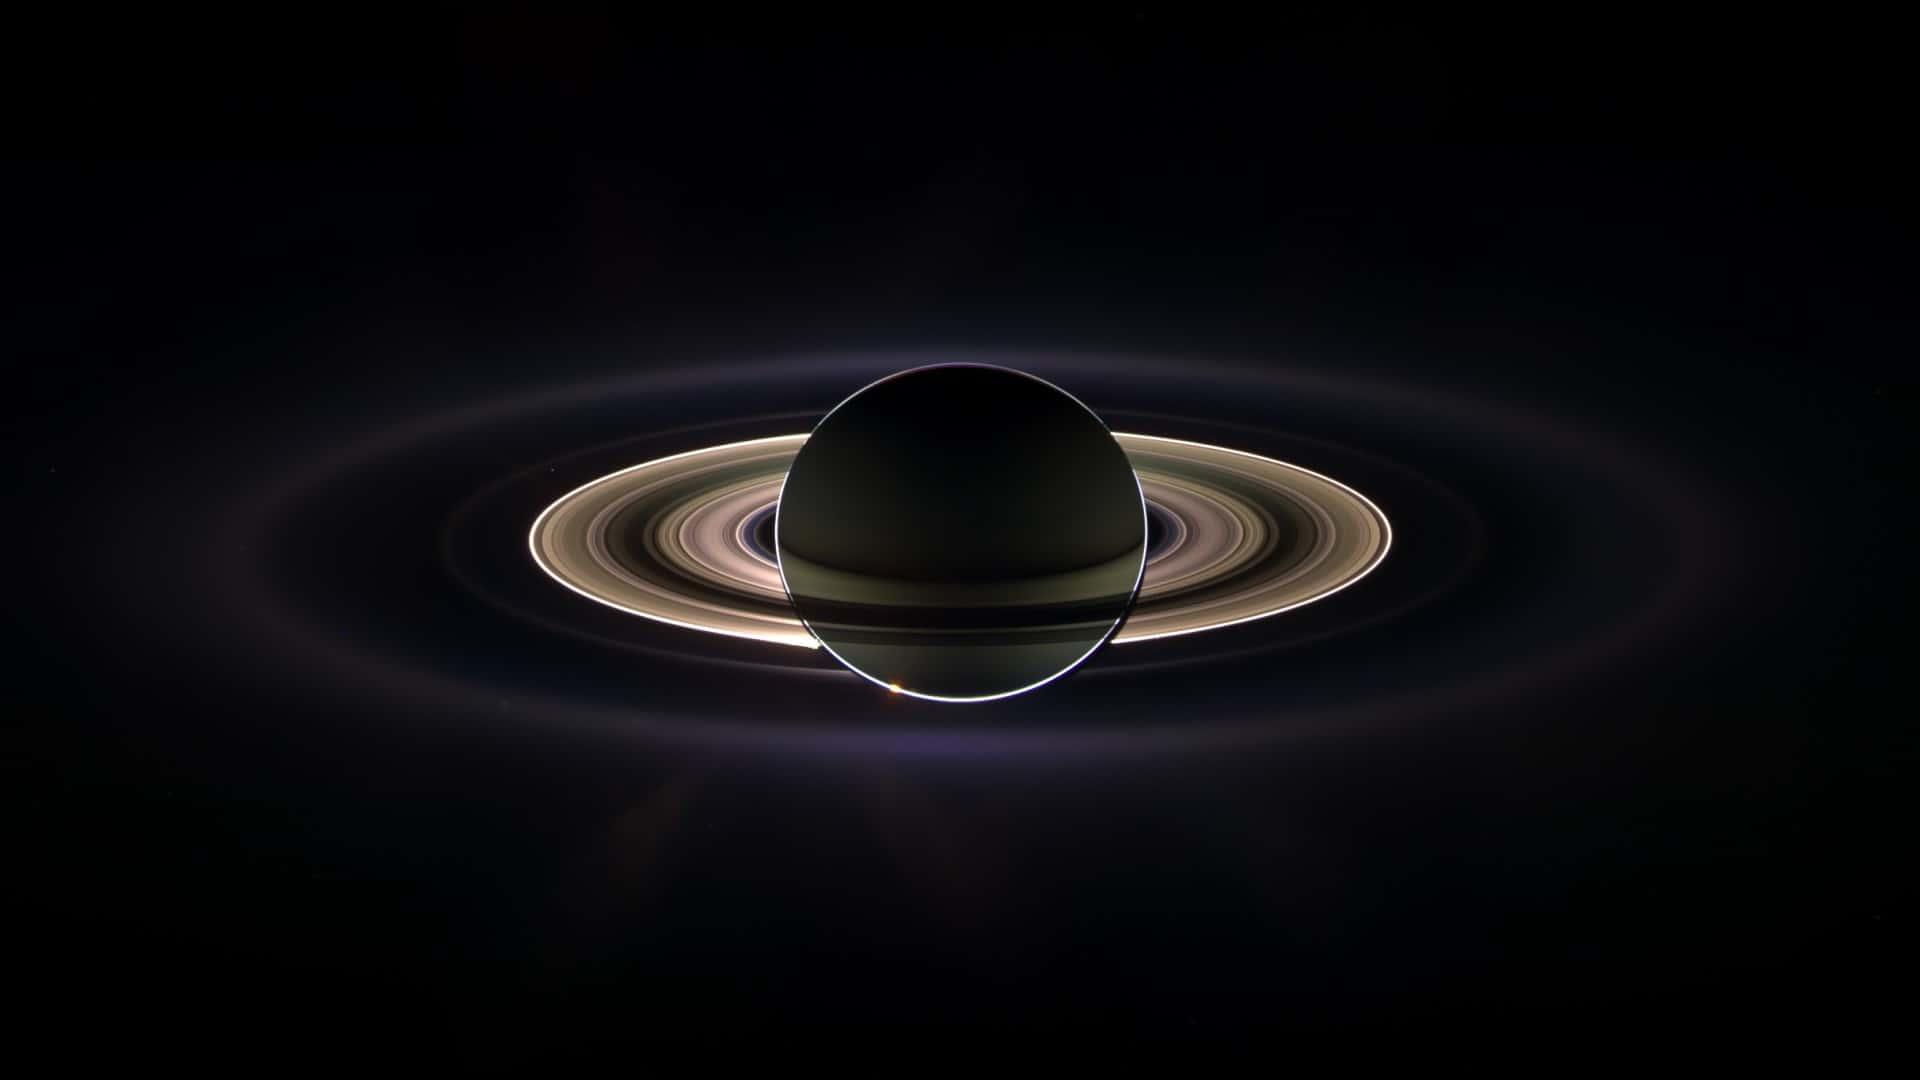 Satürn Gezegenin Etrafında Neden Halkalar Var